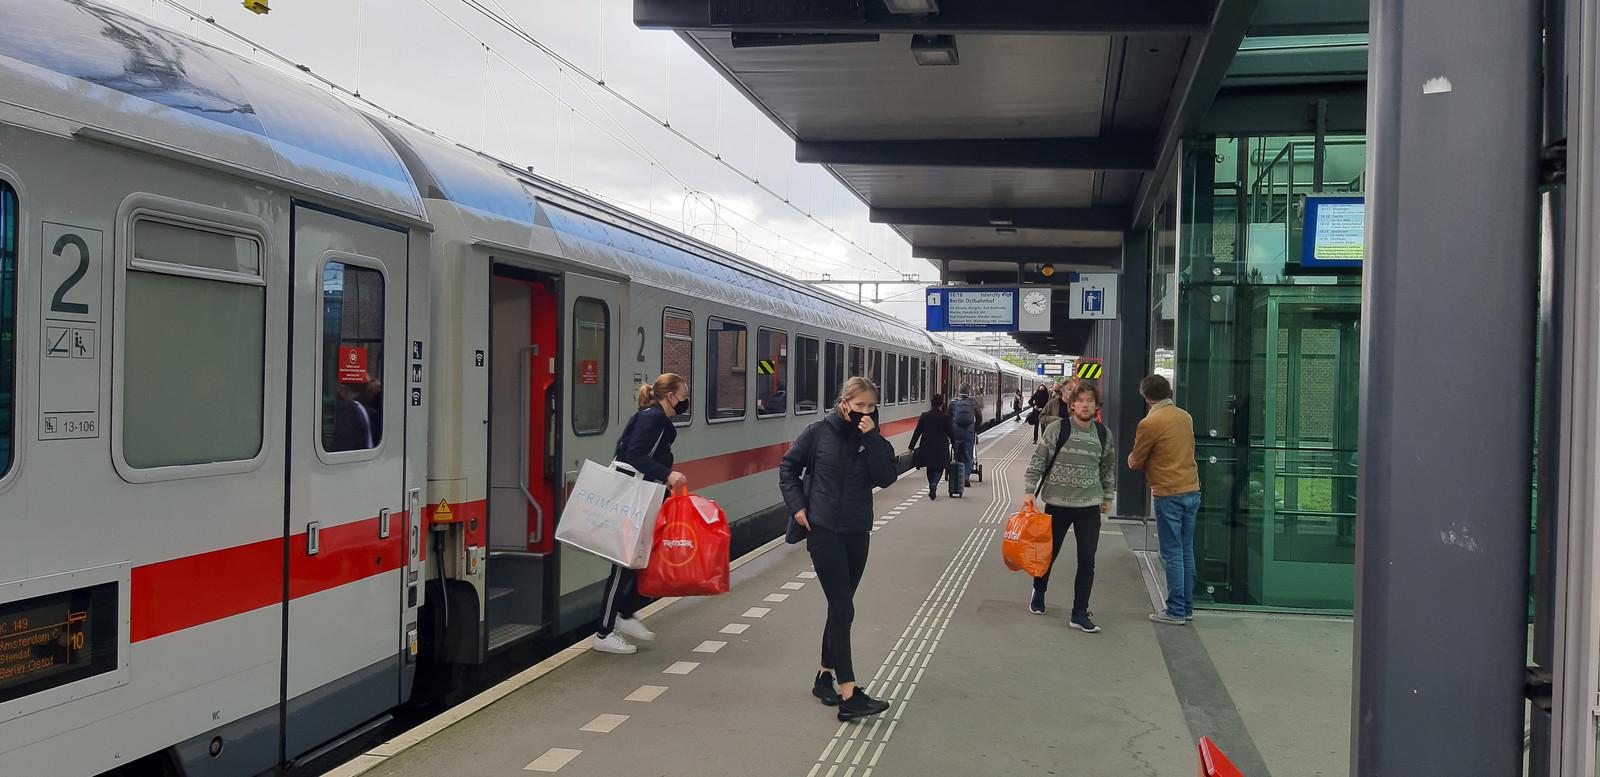 De internationale trein naar Berlijn op station Deventer.